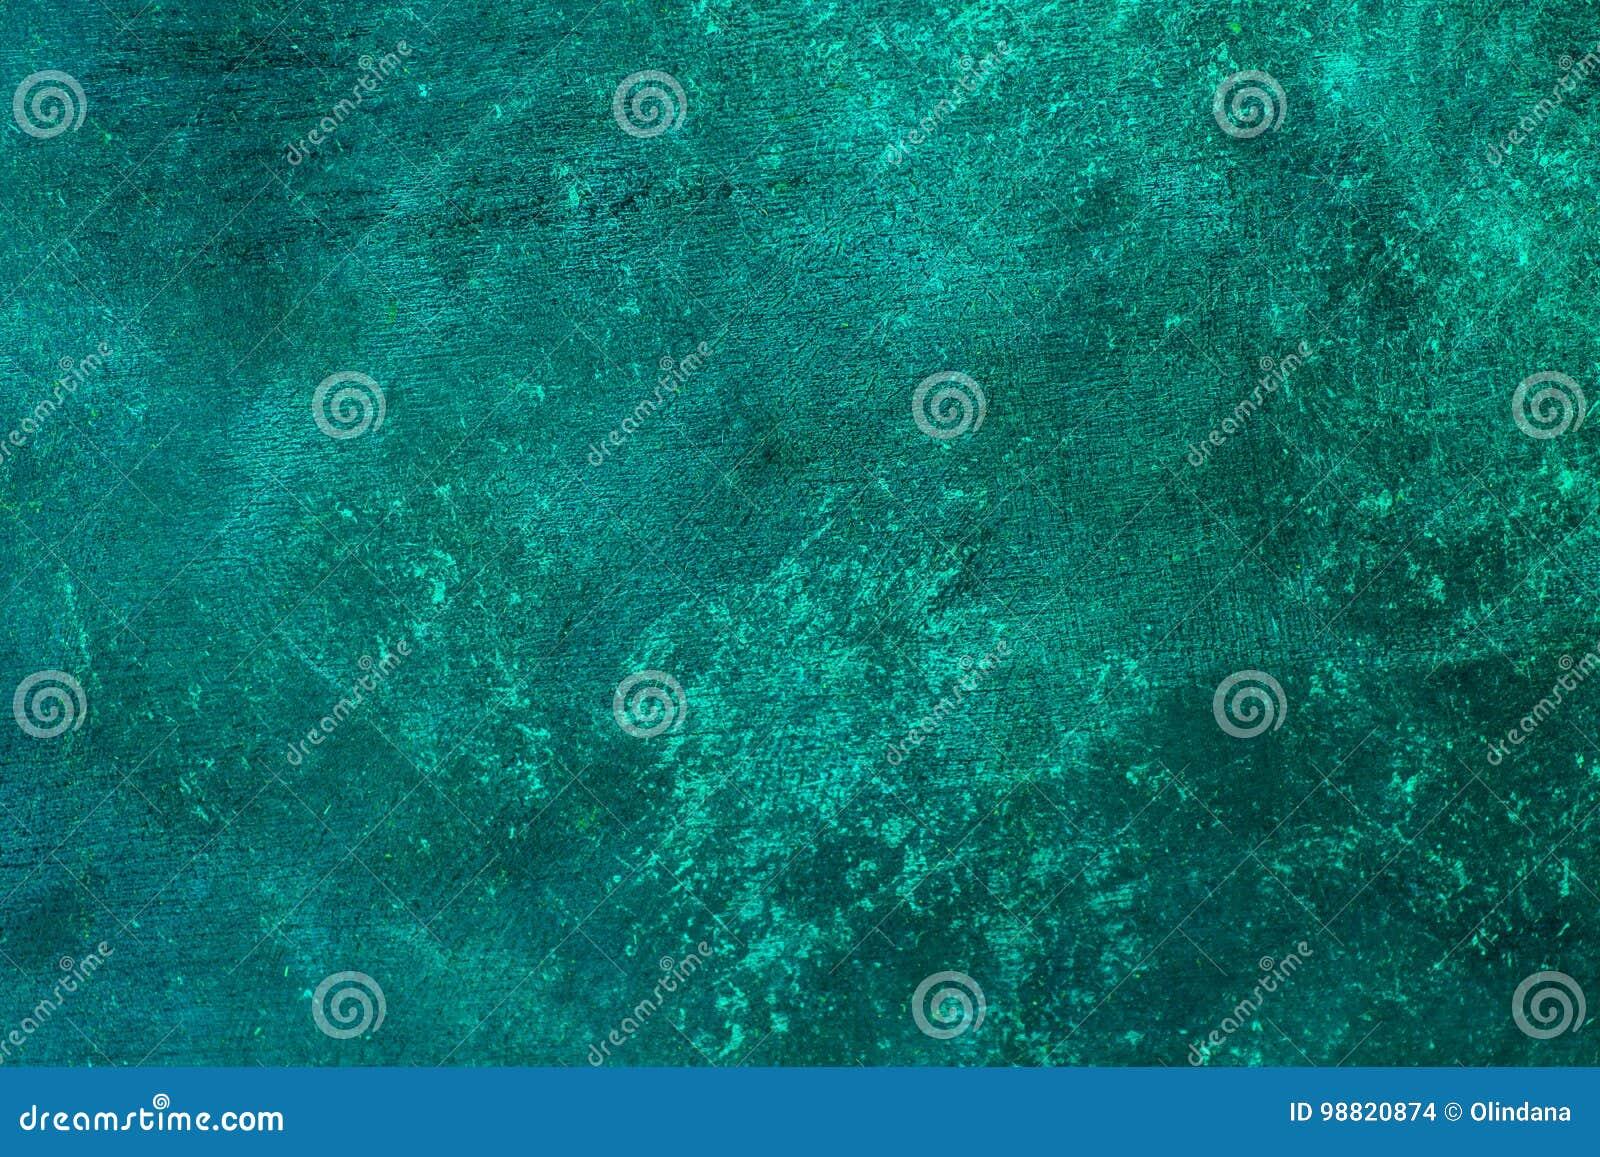 La turquesa azul apenada vieja aherrumbró el fondo de cobre amarillo con textura áspera Manchado, pendiente, concreta